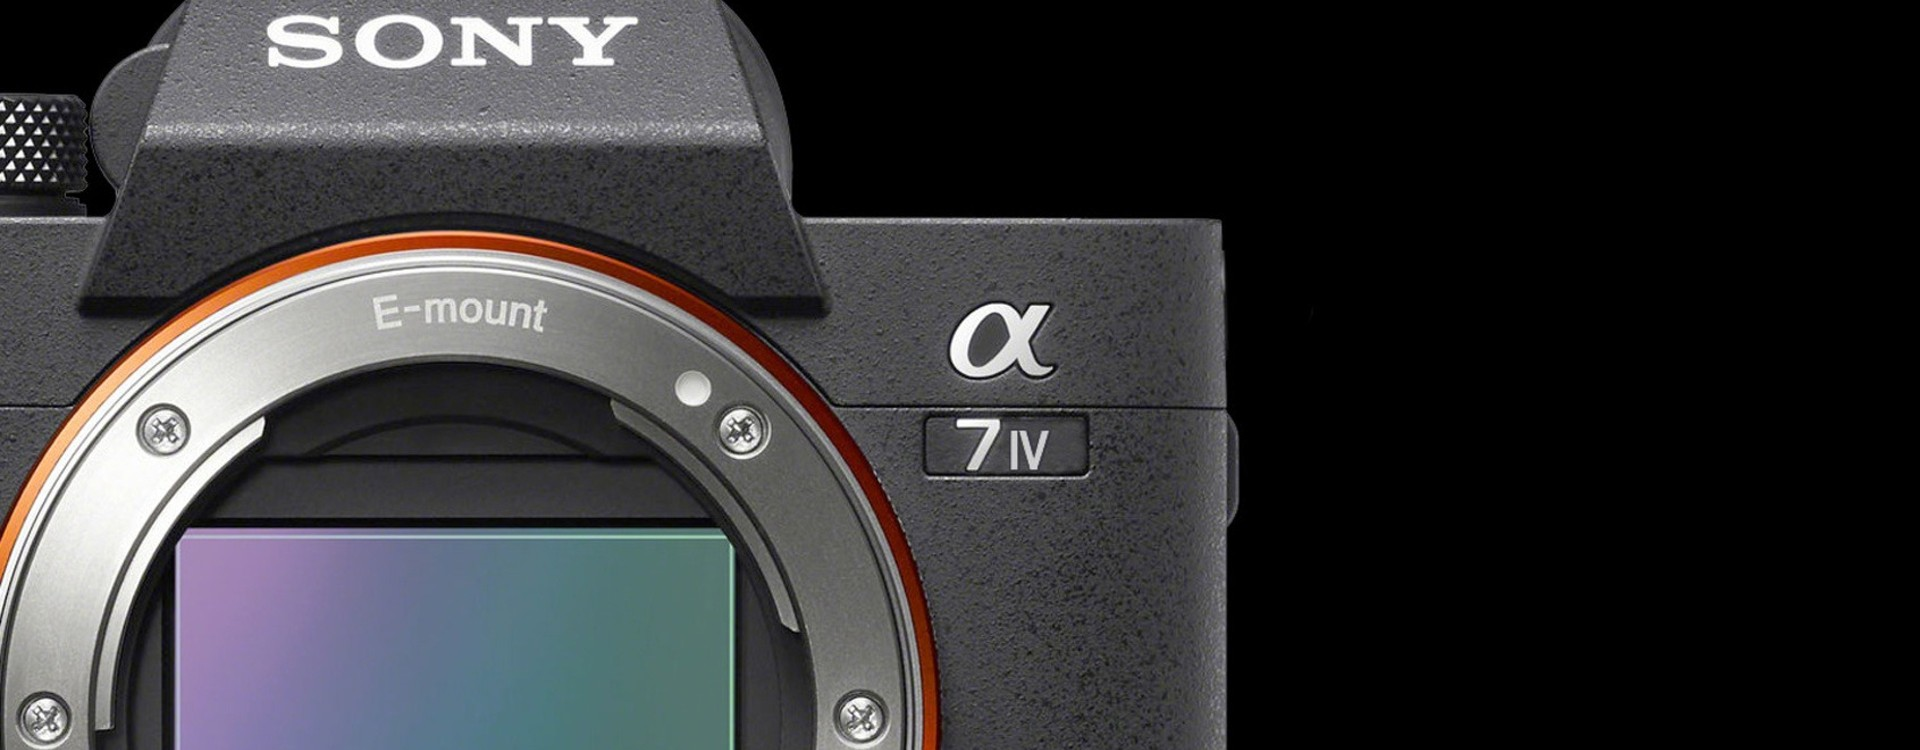 Nowe Sony A7 IV - kiedy premiera? Co wiadomo?